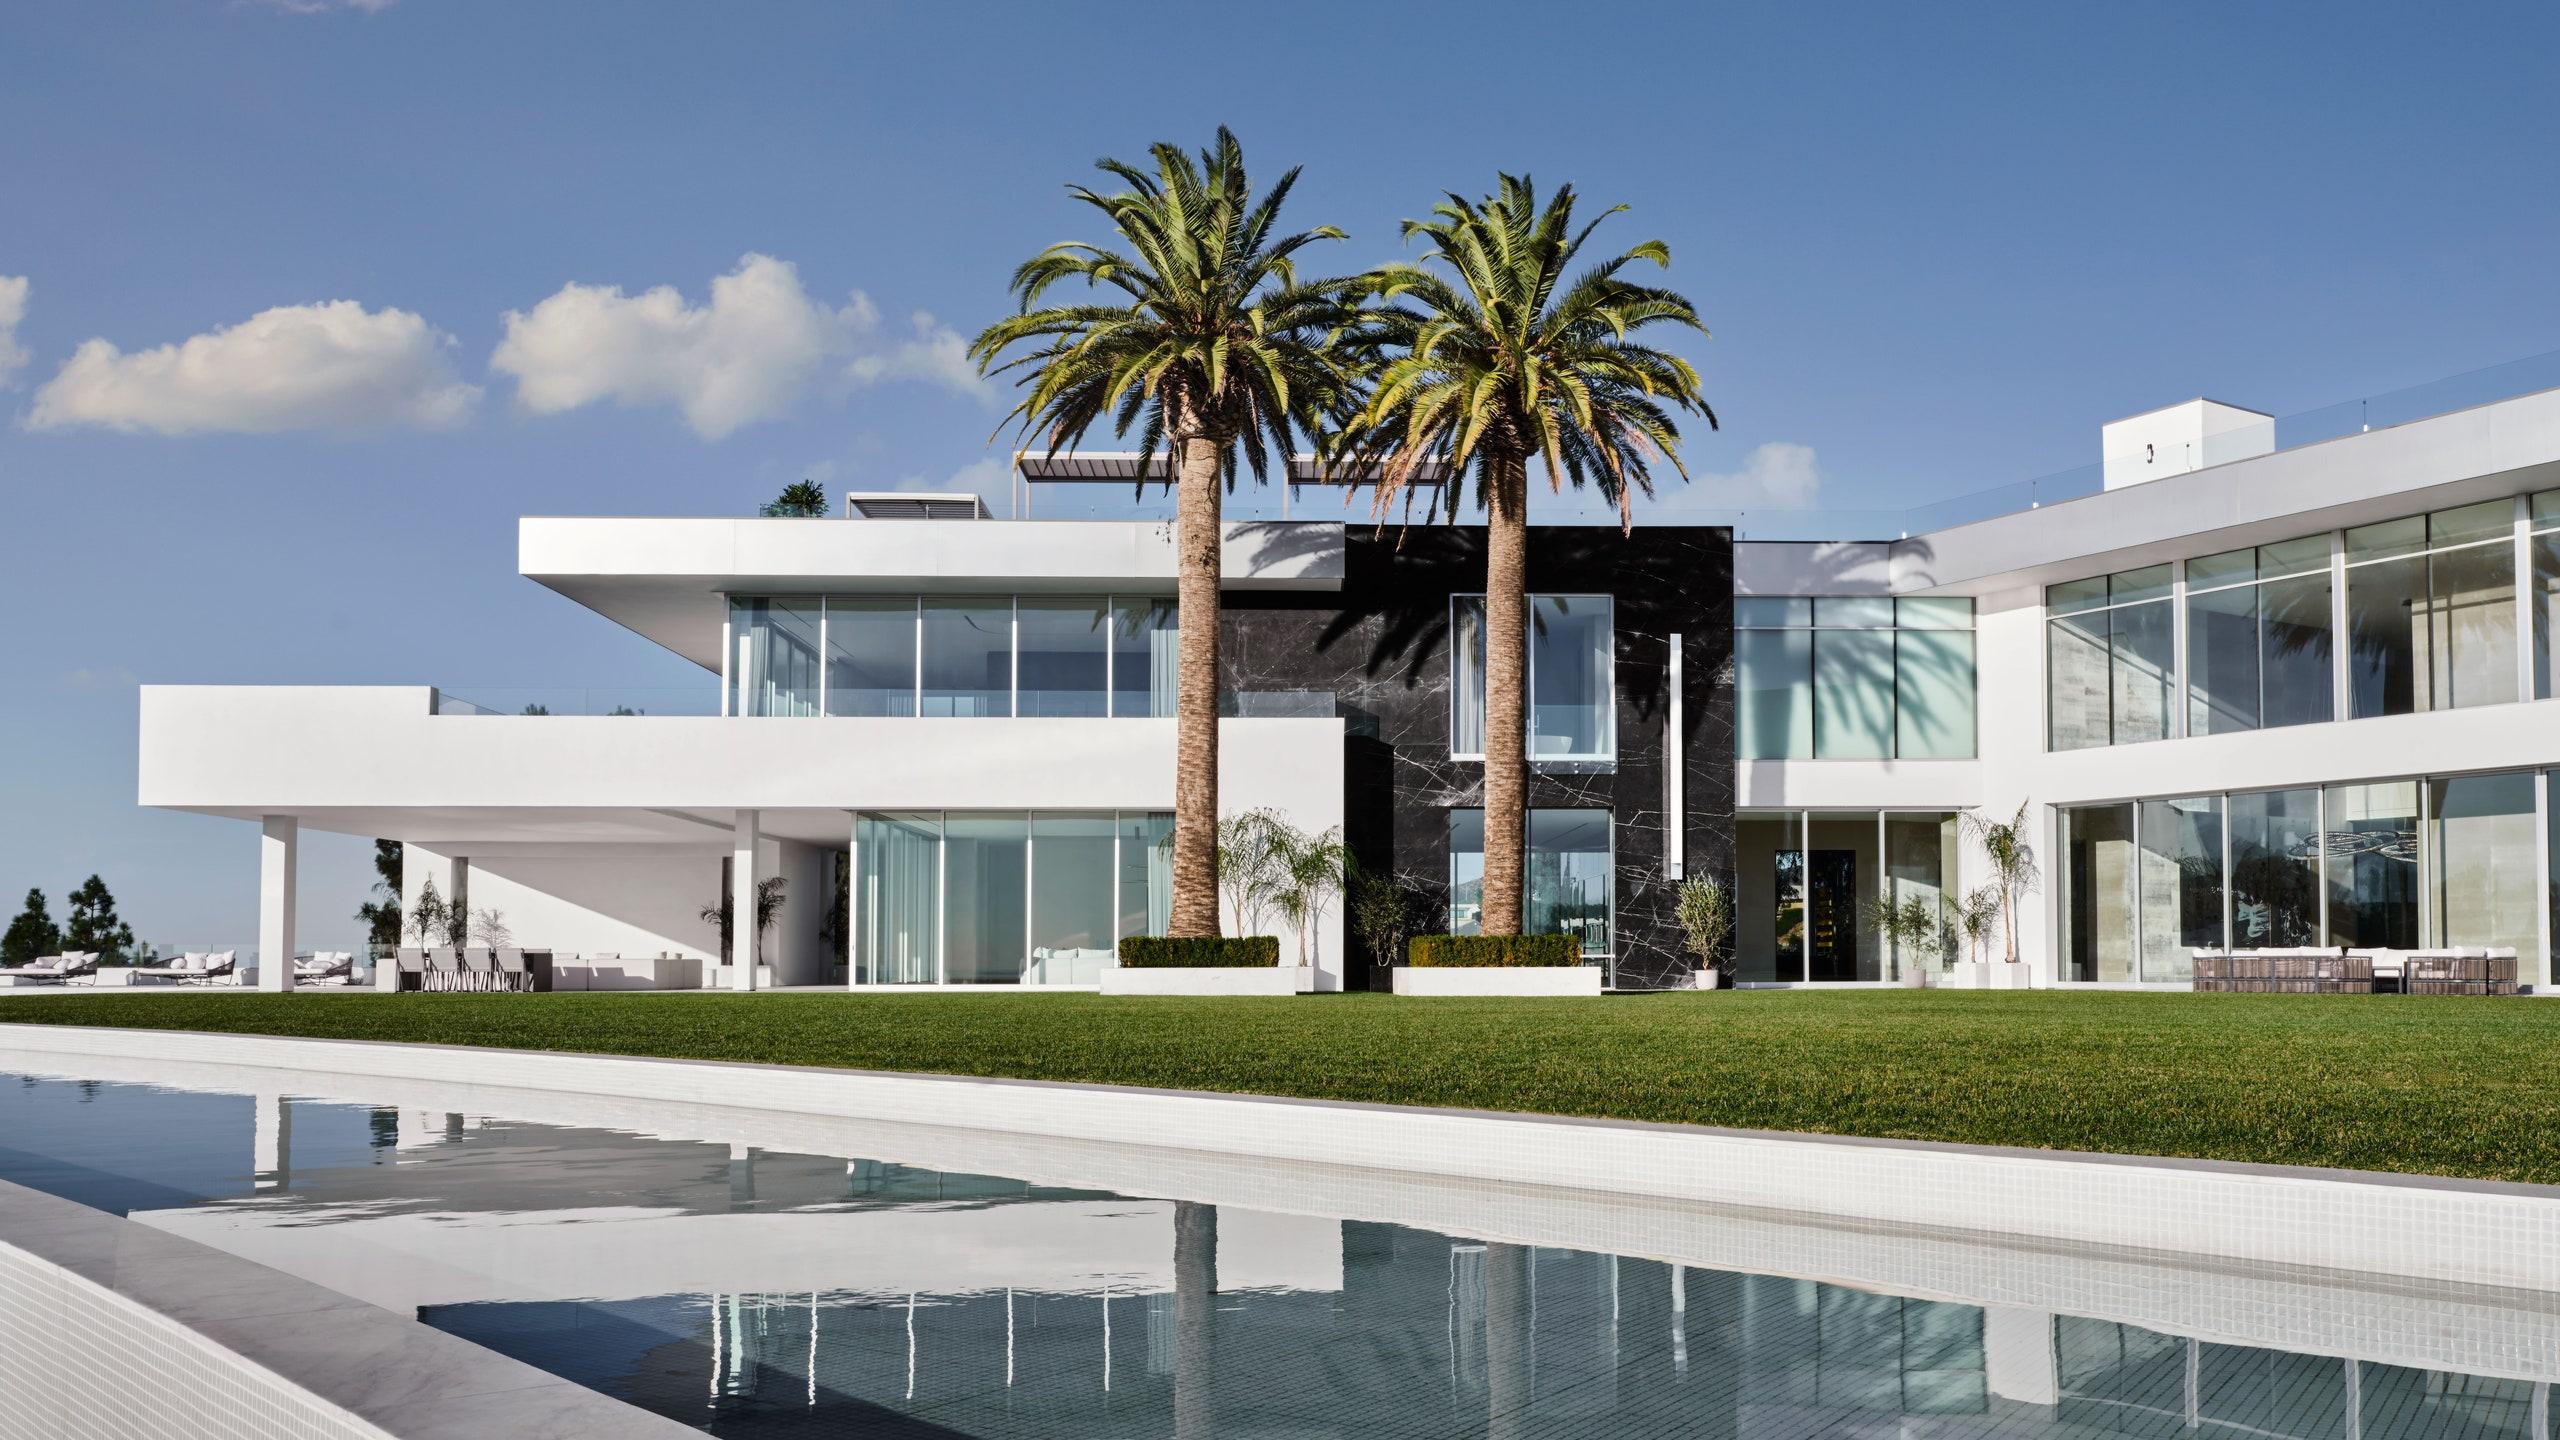 لماذا يمتلك الأمريكيون أكبر منازل العالم - اليكم 7 أسباب رئيسية